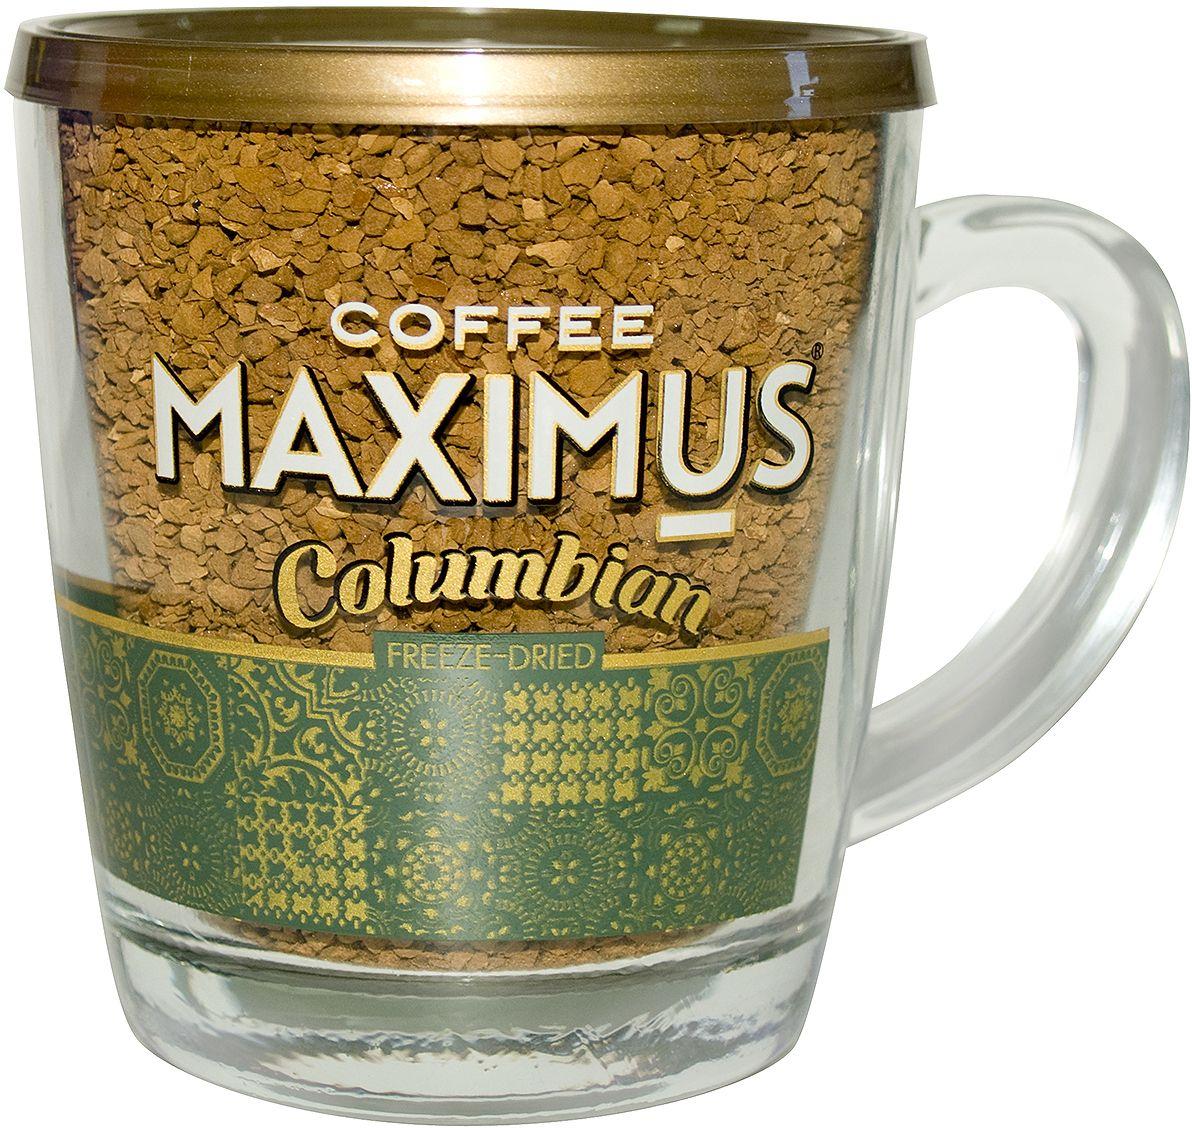 Maximus Columbian кофе растворимый в стеклянной кружке, 70 г капсулы tassimo milka